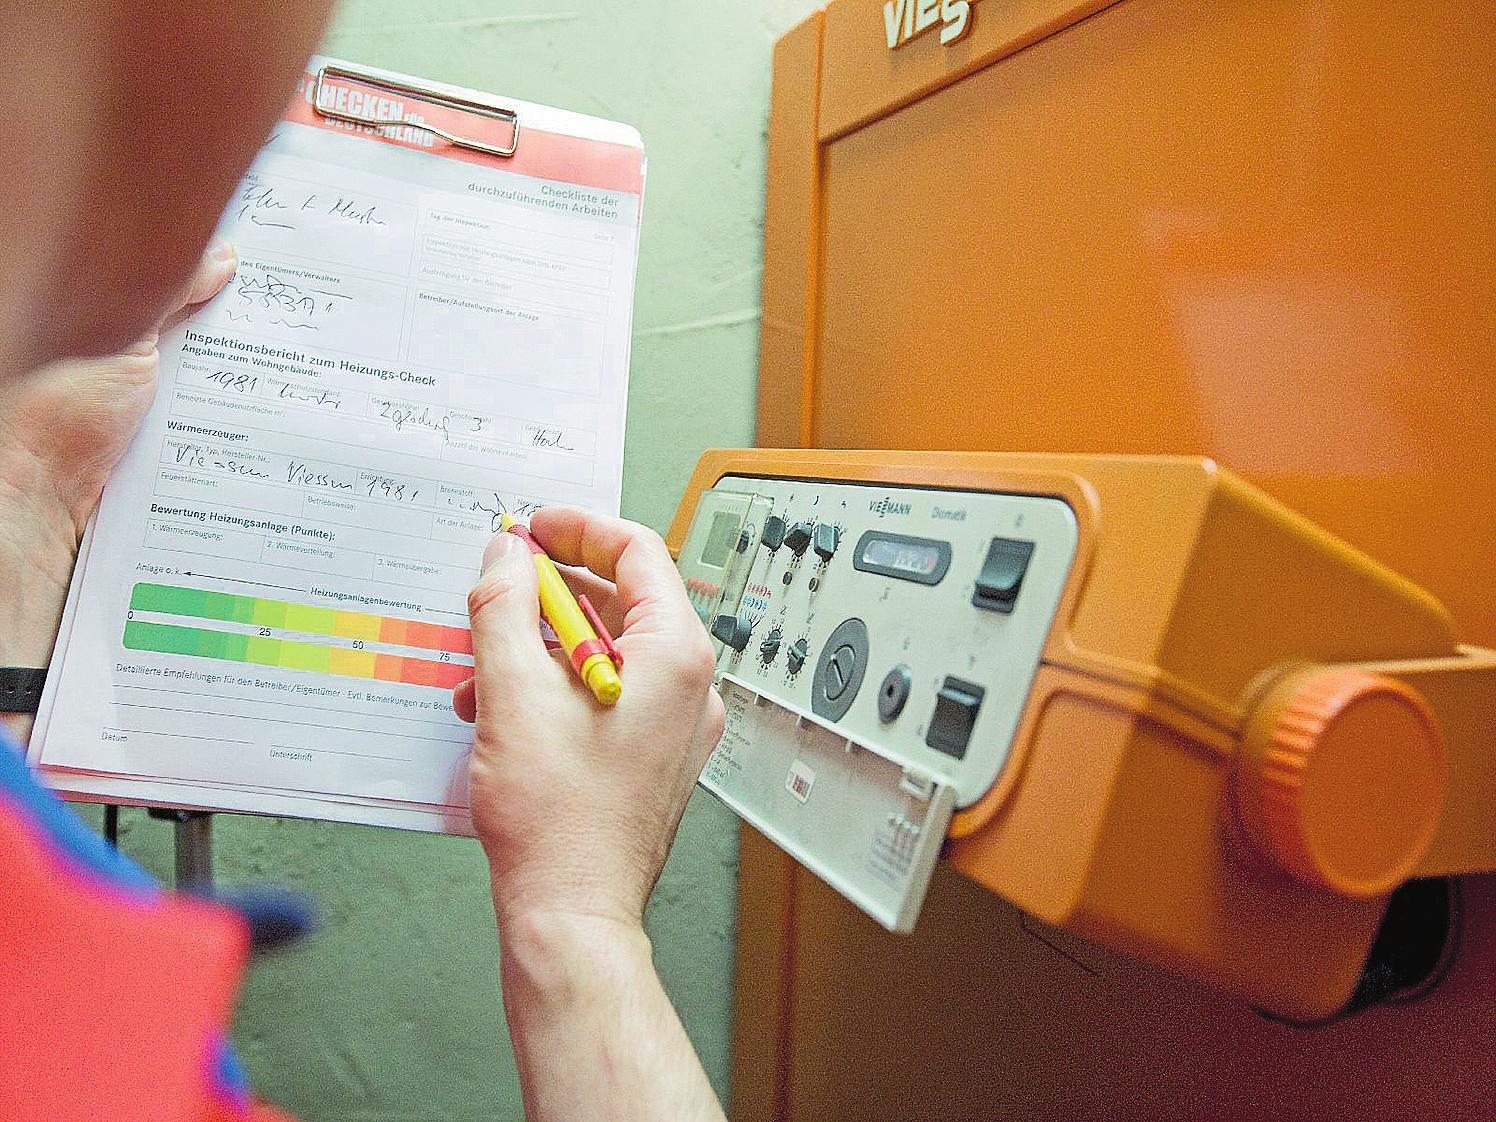 Wie bei einer Ampel: Das Protokoll des Heizungs-Checks macht deutlich, ob das Ergebnis im grünen, gelben oder roten Bereich liegt.